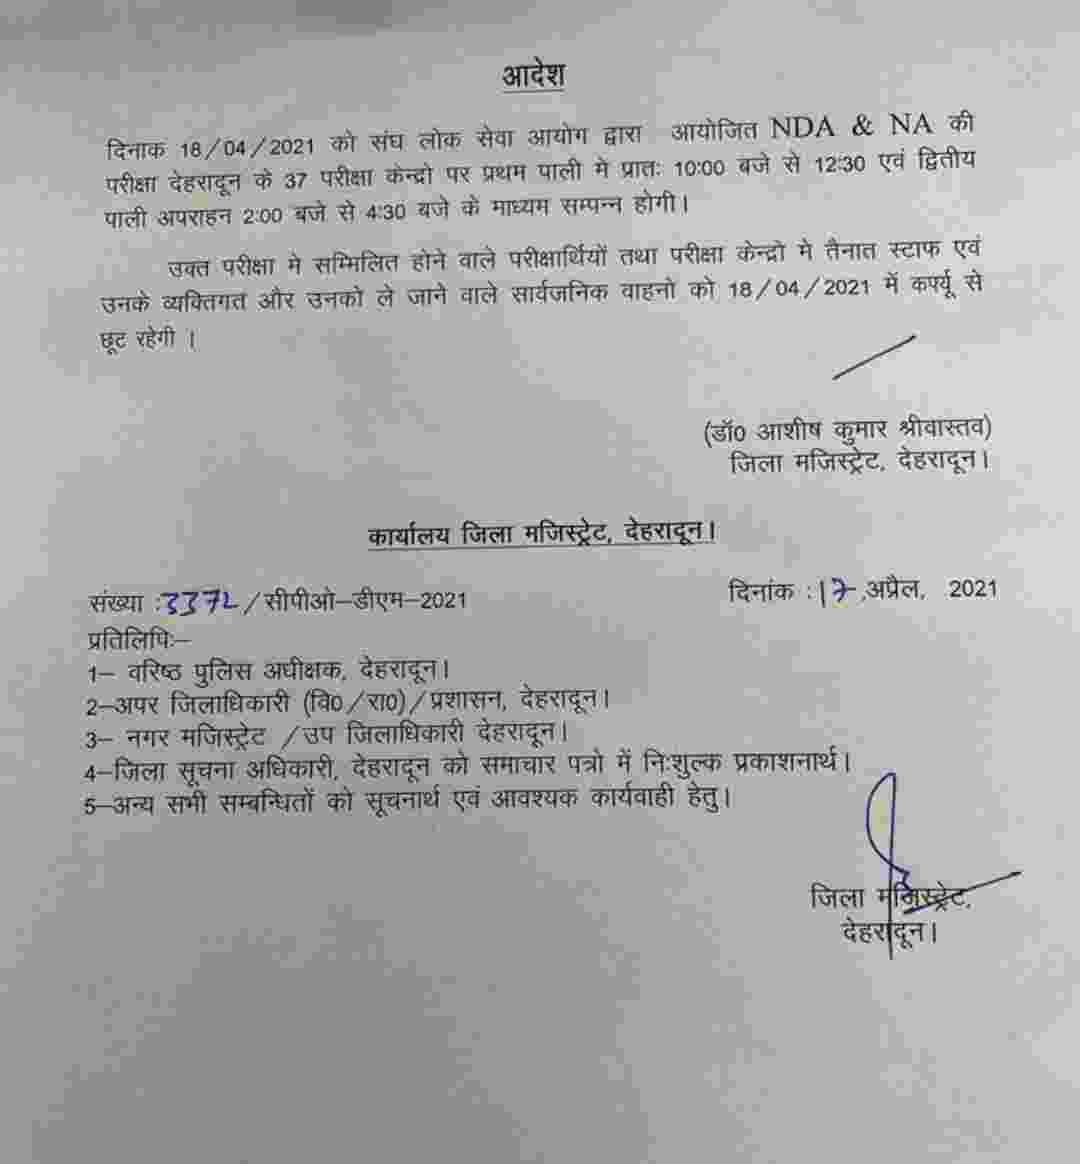 कल होने वाले एनडीए व एनए परीक्षा को लेकर मुख्यमंत्री तीरथ सिंह रावत ने दिए अहम निर्देश, एडमिट कार्ड के आधार पर कर्फ्यू में परीक्षा केन्द्र जाने की अनुमति 2